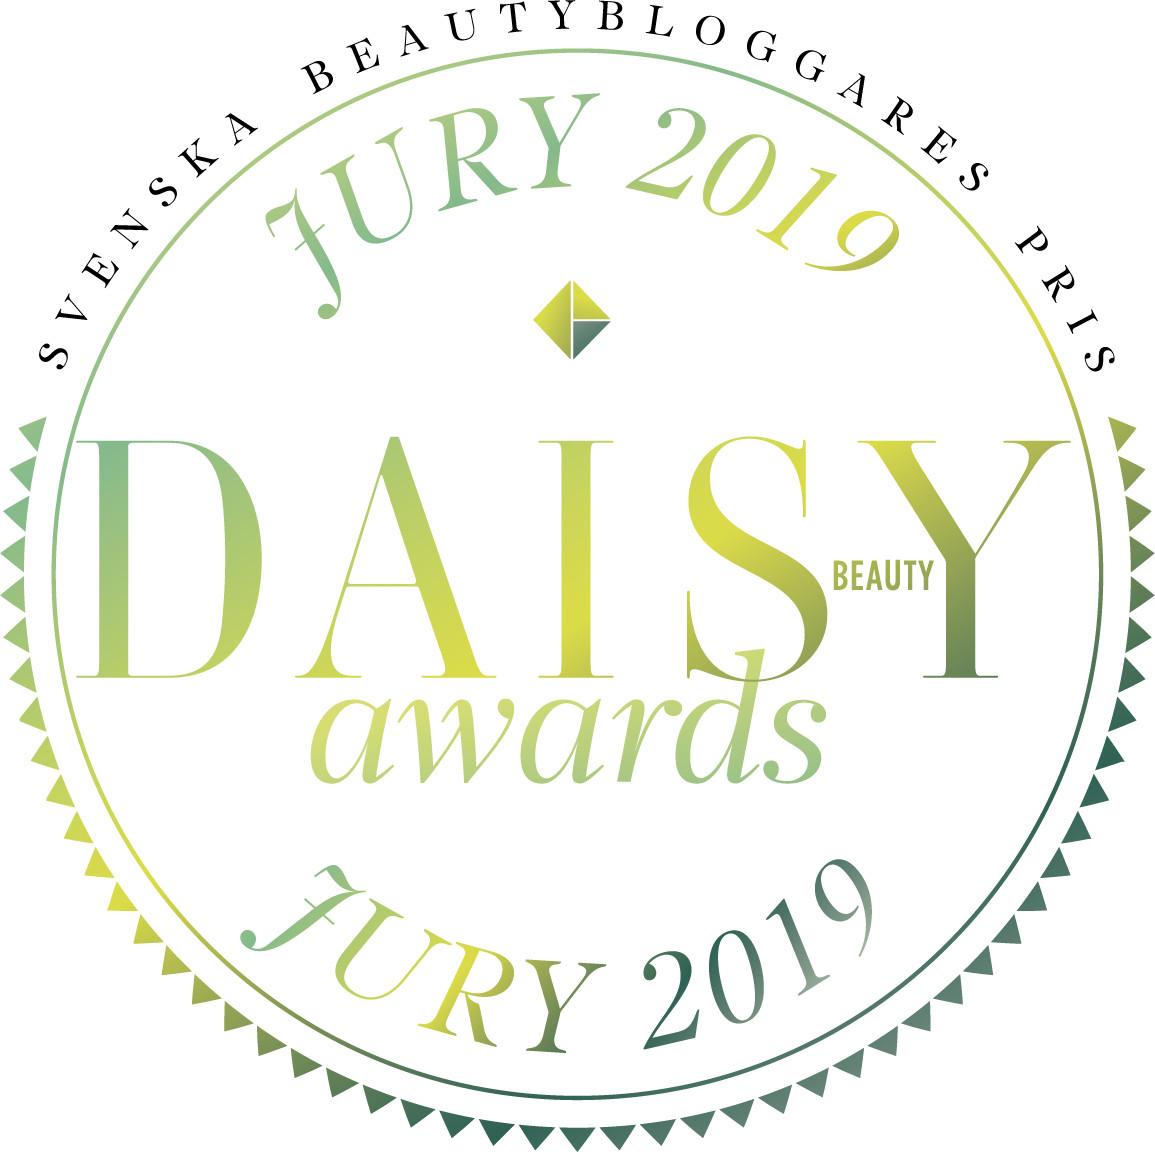 Årets bästa kroppsvård – Daisy Beauty Awards 2019